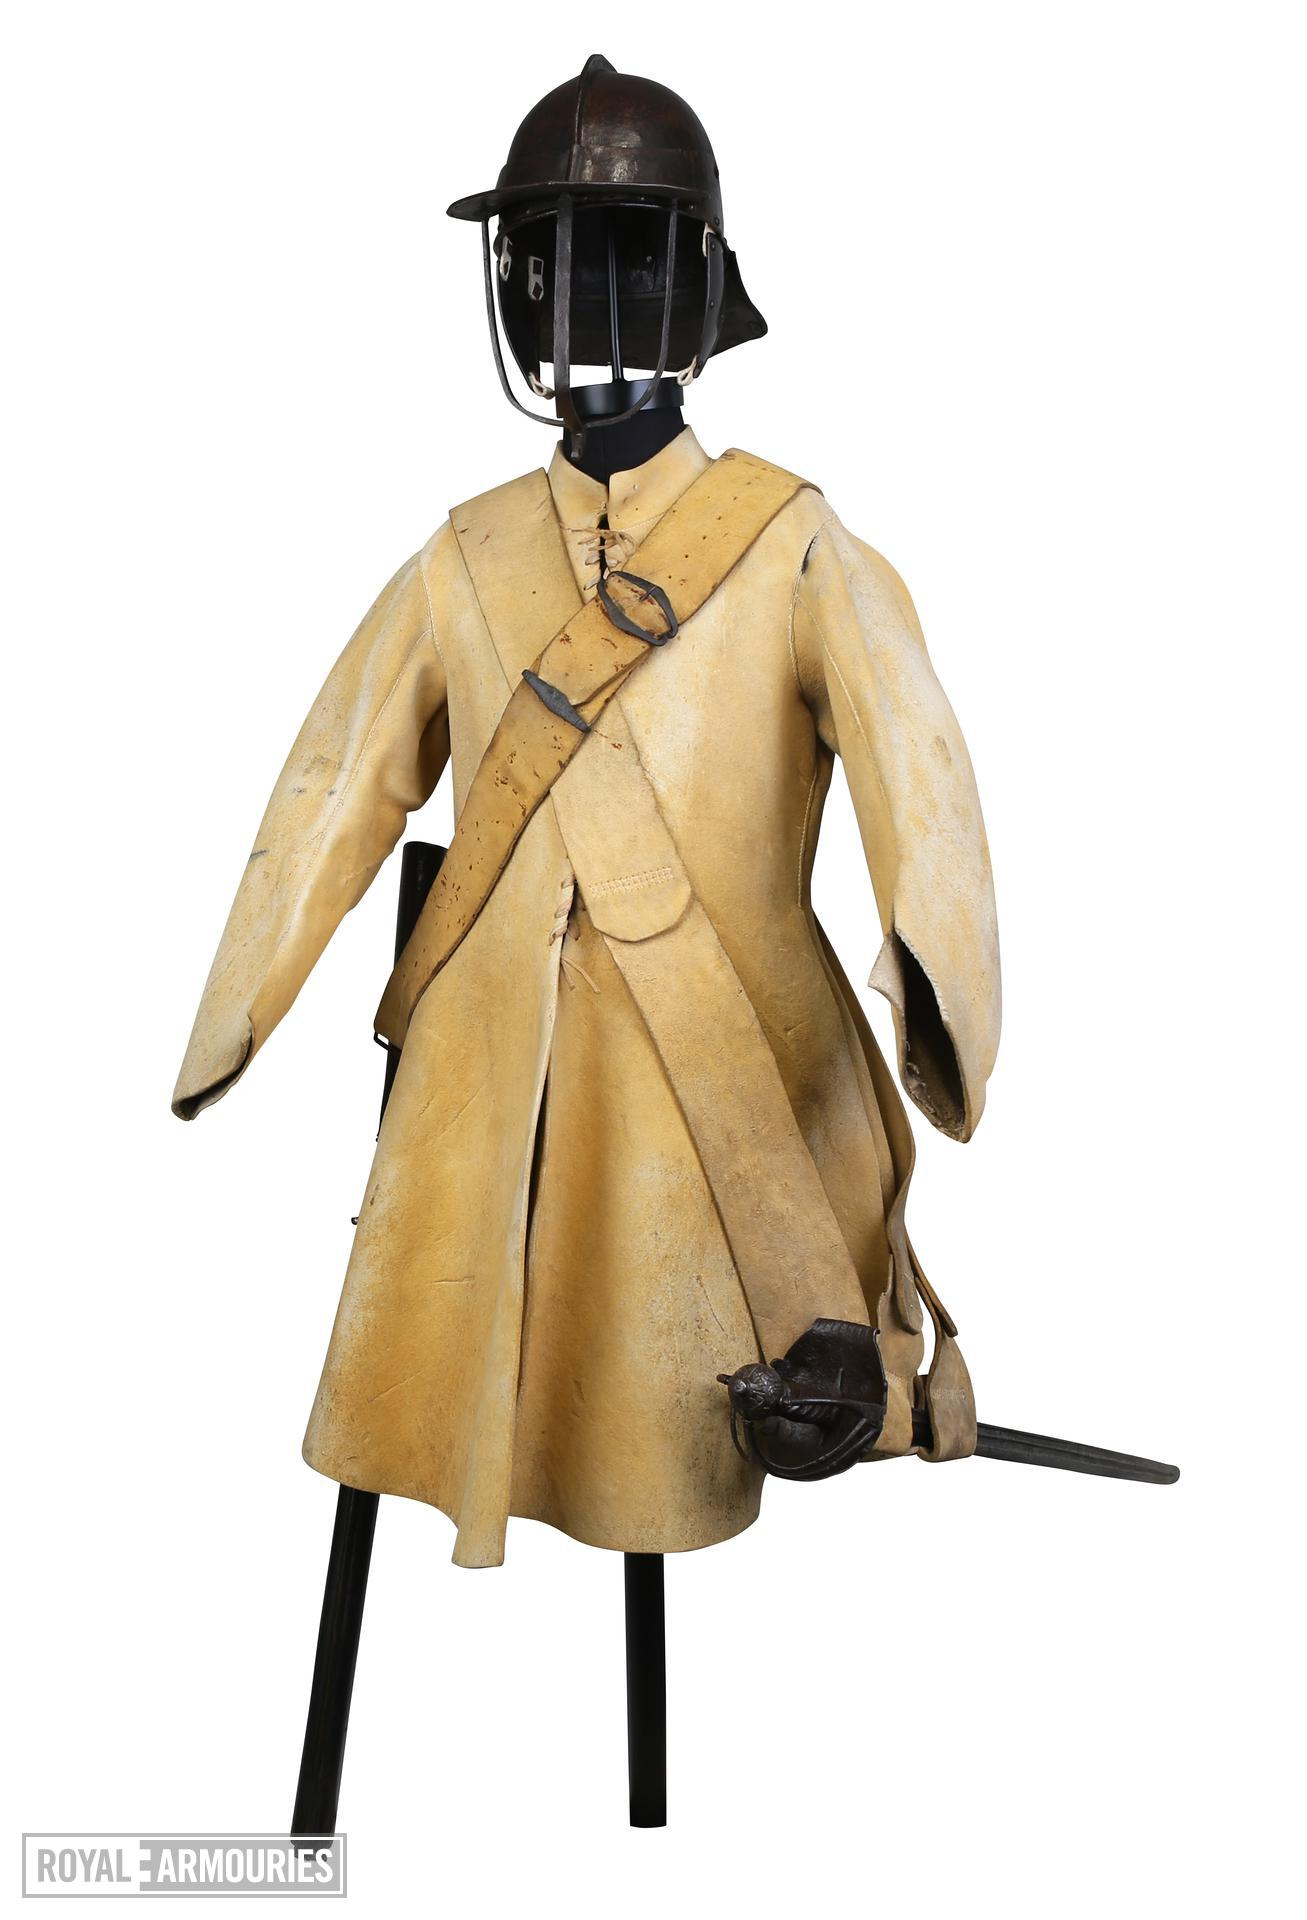 Full Harquebusier's armour